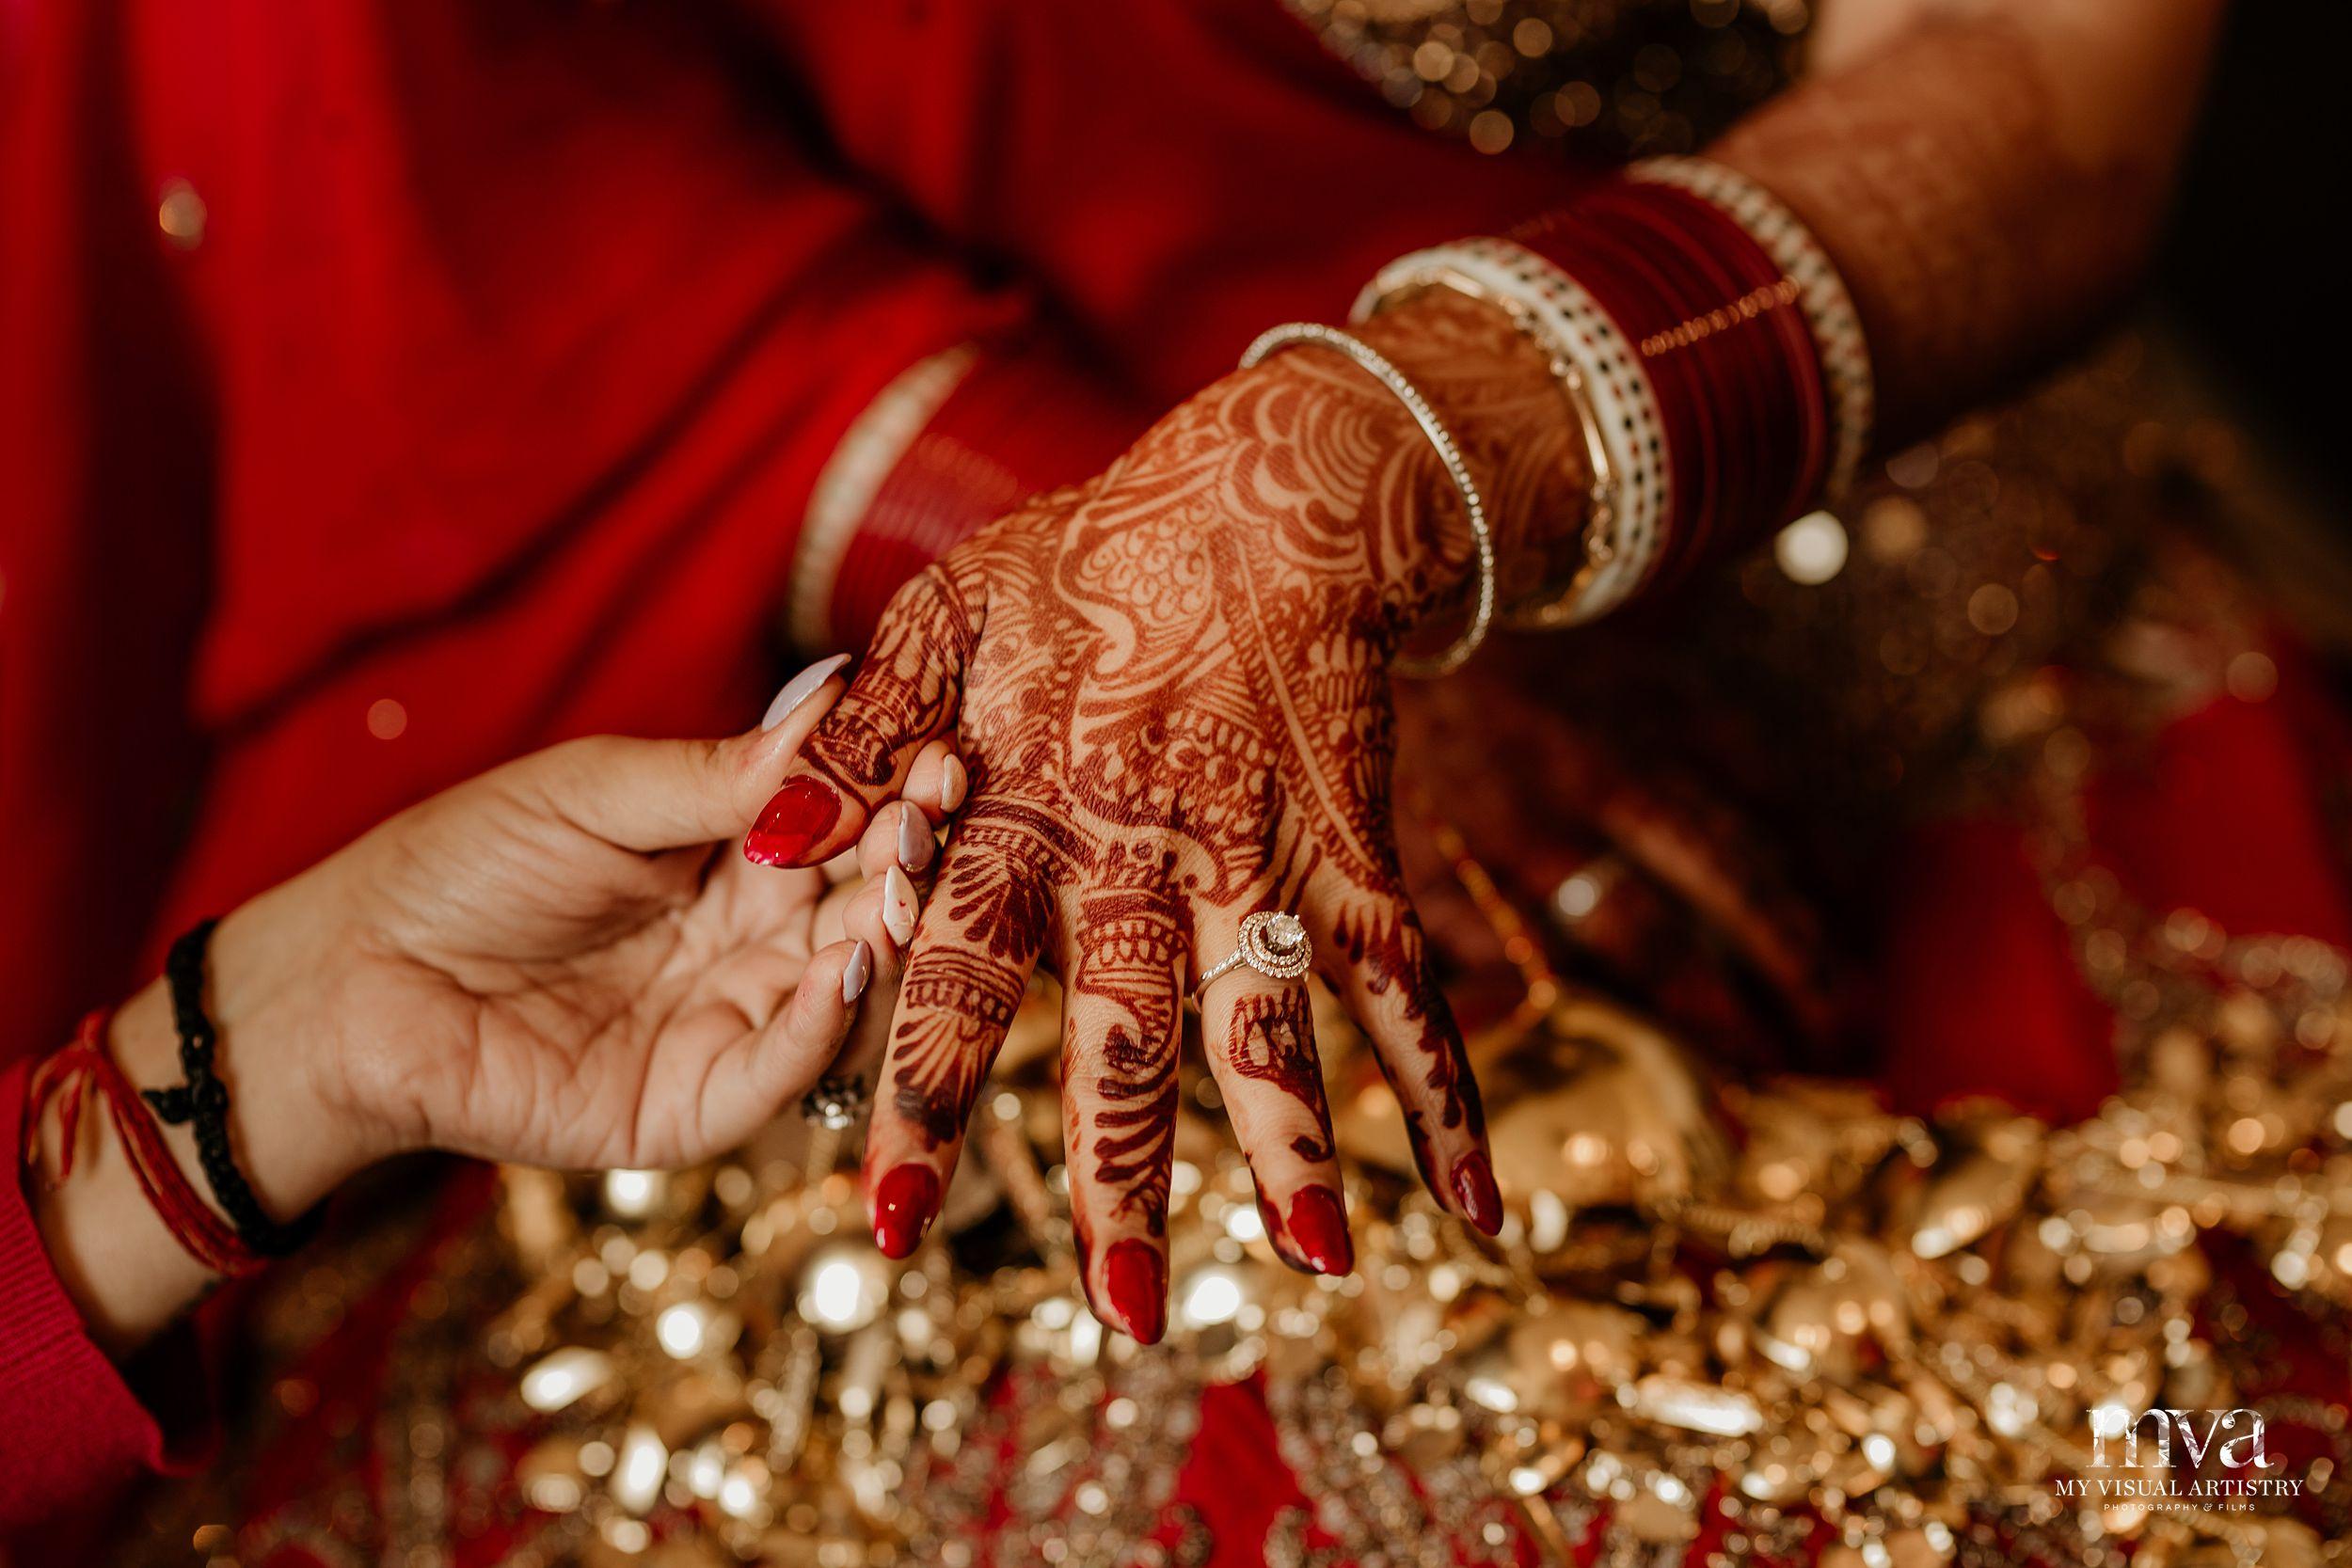 anant_arundhati_myvisualartistry_mva_wedding_sikh_ - 224.jpg